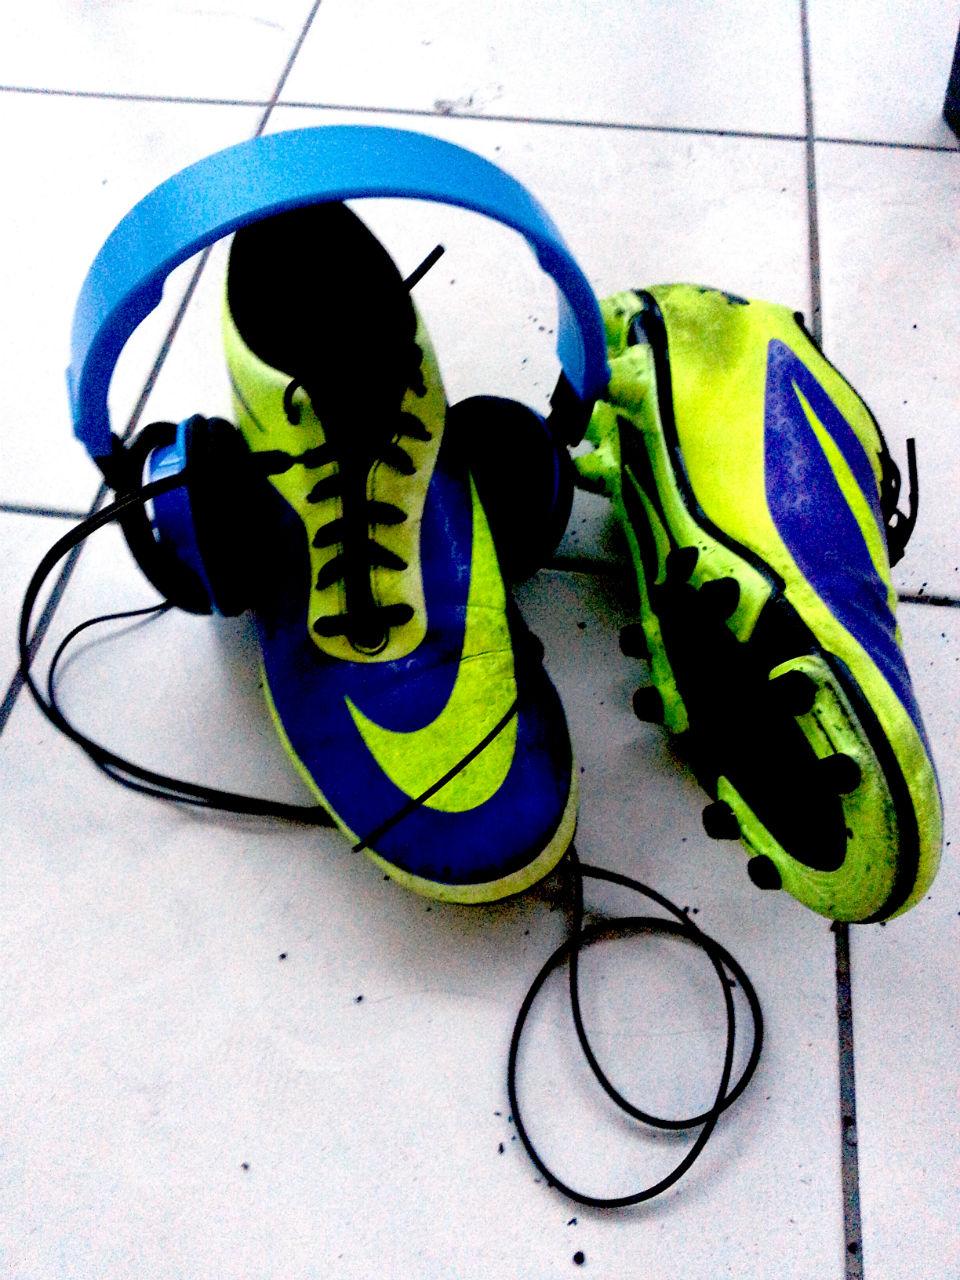 Football 2.0 : les 3 accessoires tendances de la rentrée